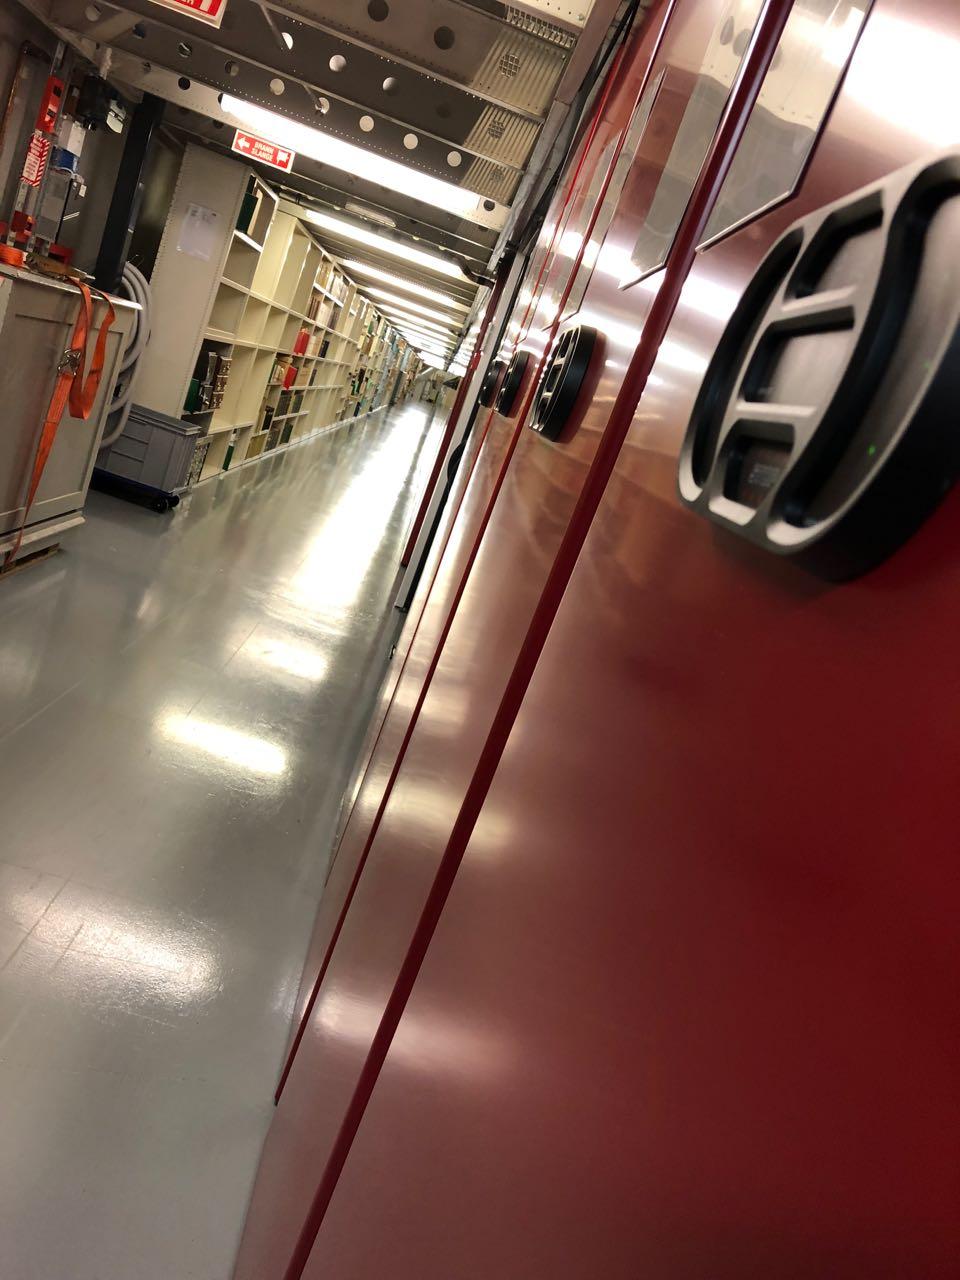 Viser korridor med rullemagasin til høyre